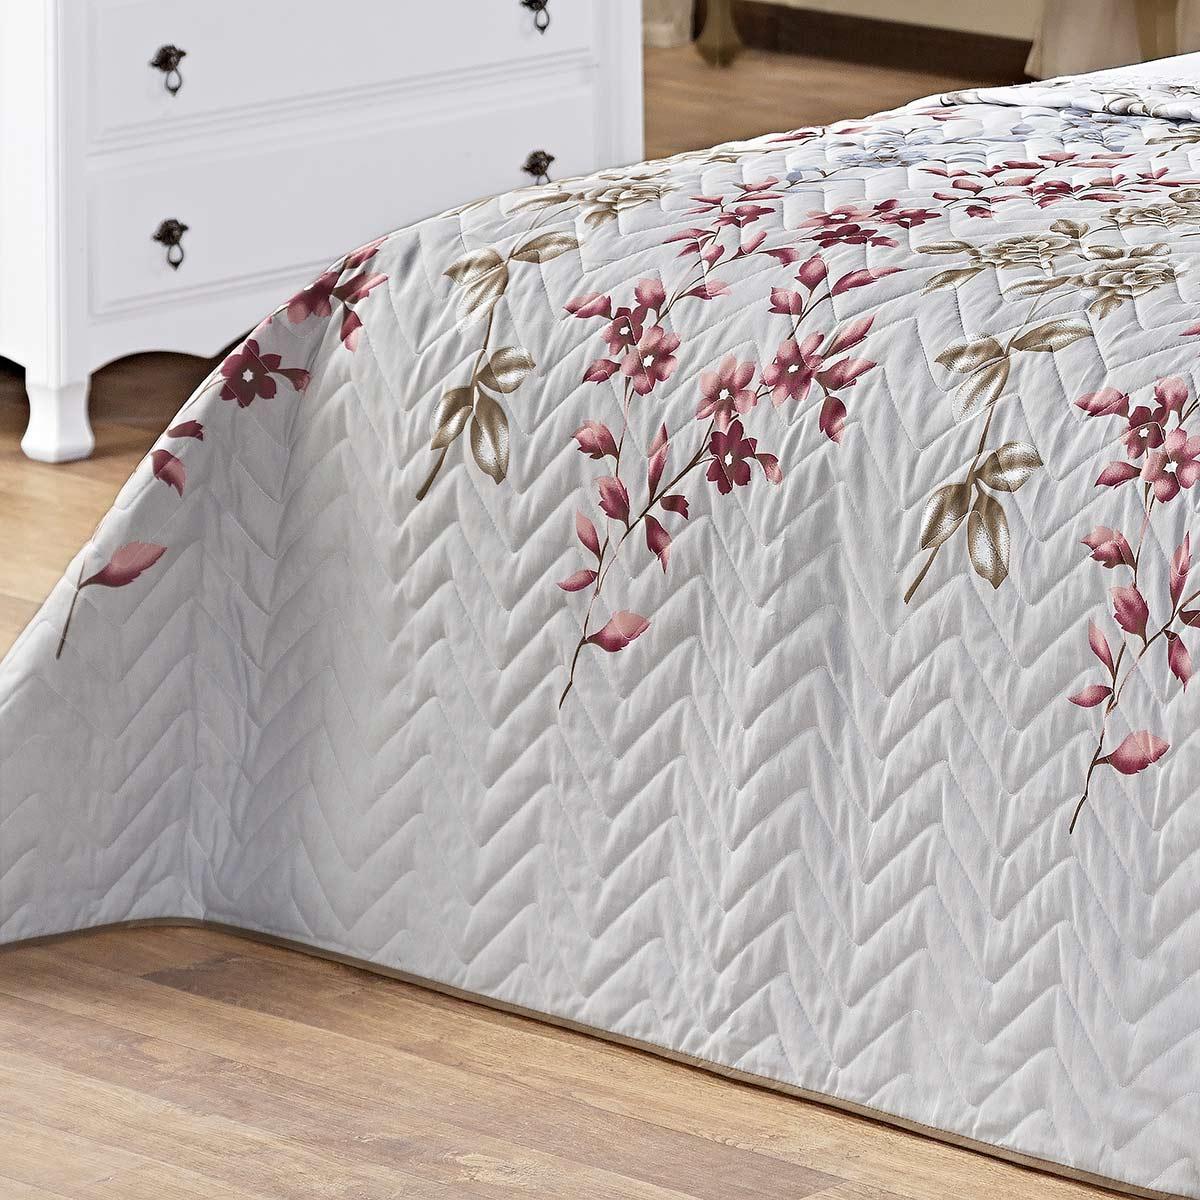 Kit Cobre Leito (Cobre Leito + Porta Travesseiro + Jogo de Lençol) Queen Siena Cinza Floral Cinza Floral com 9 peças